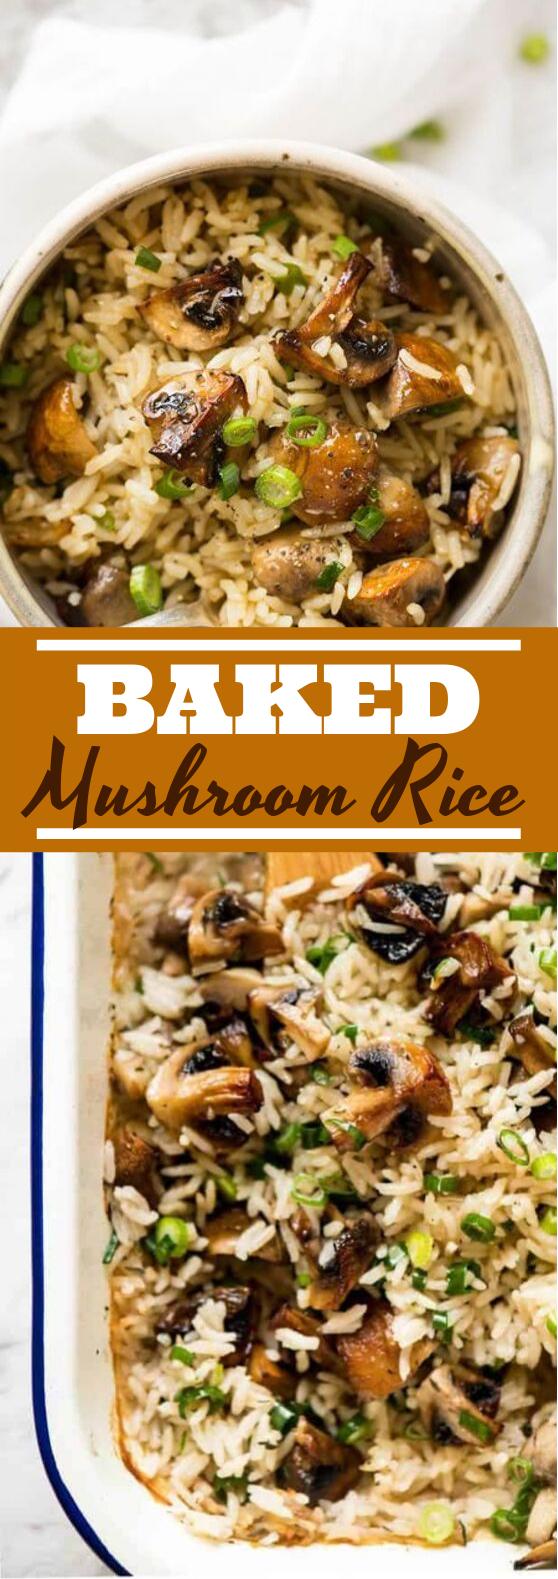 Baked Mushroom Rice #vegetarian #dinner